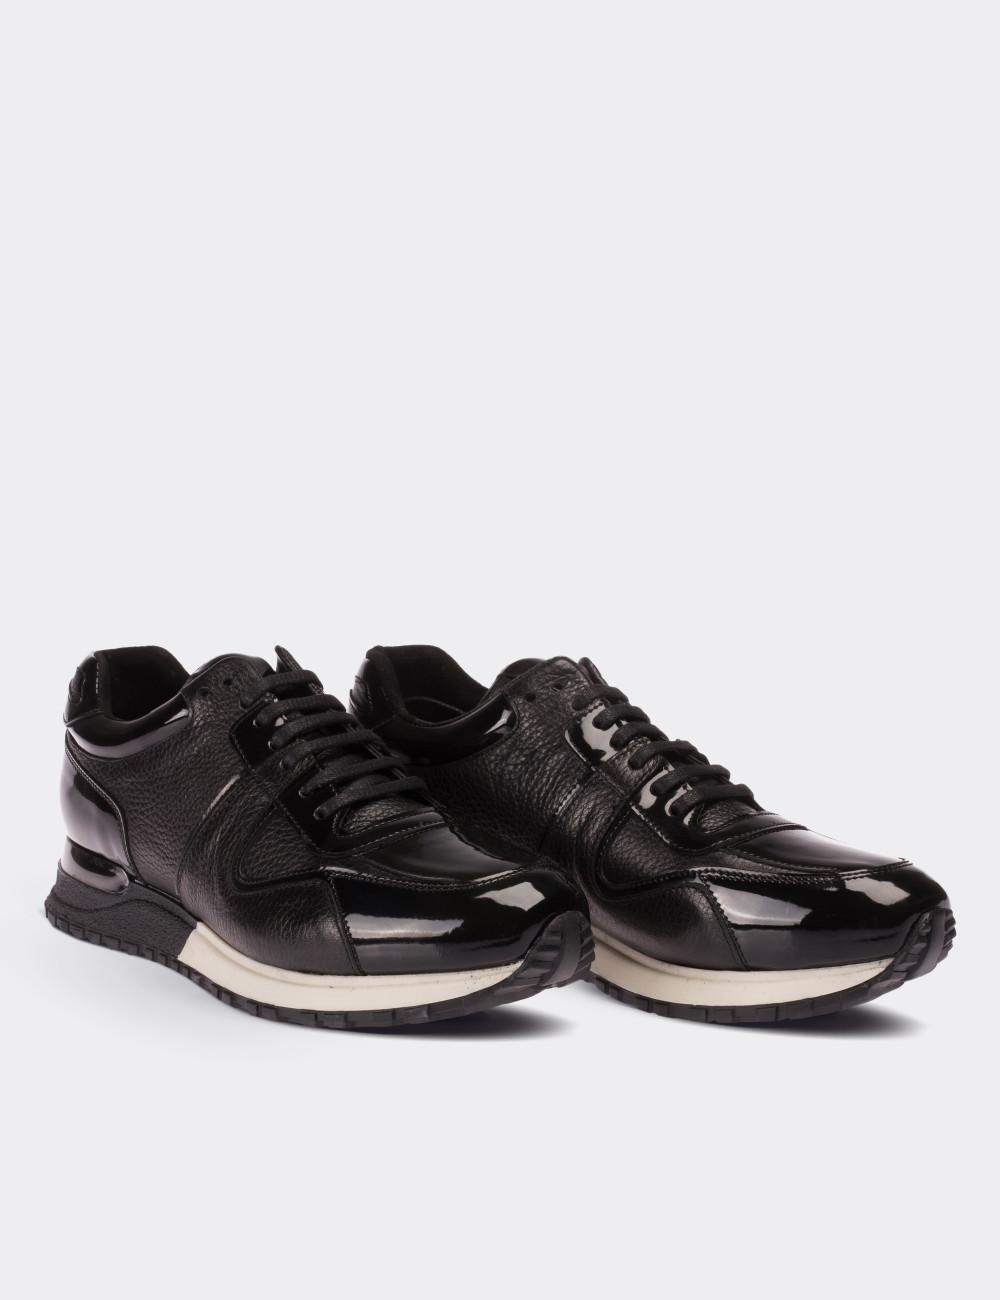 Hakiki Deri Siyah Spor Erkek Ayakkabı - 01522MSYHT03